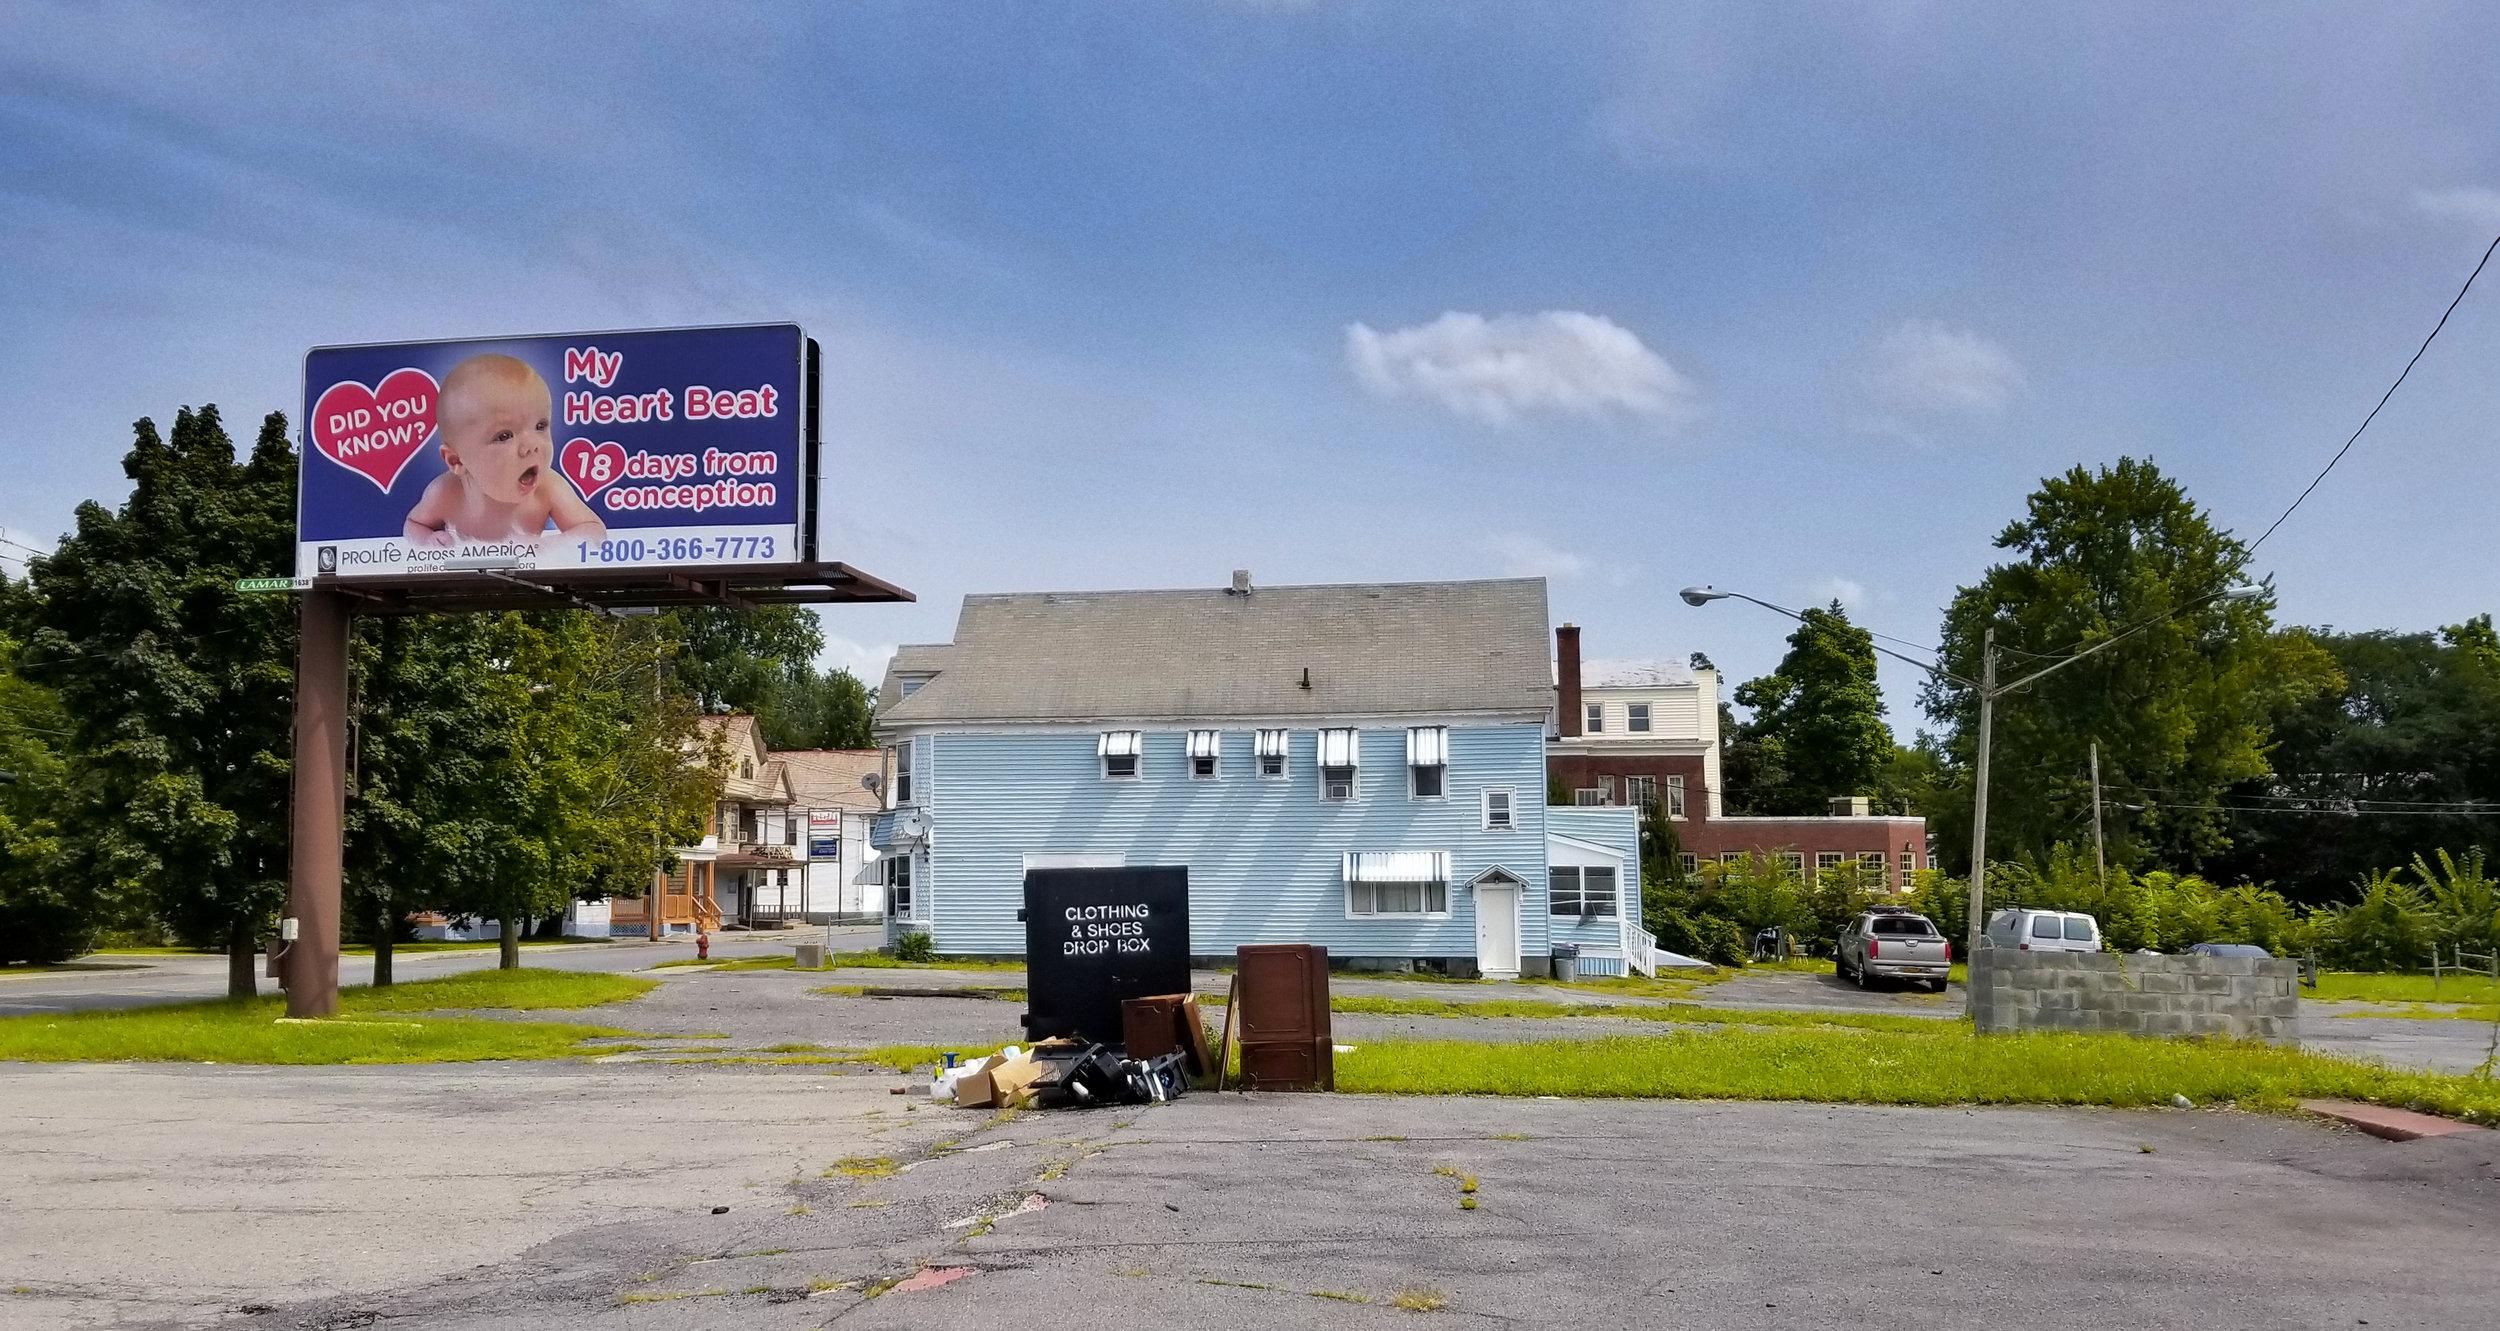 My Heart Beat | Schenectady, New York